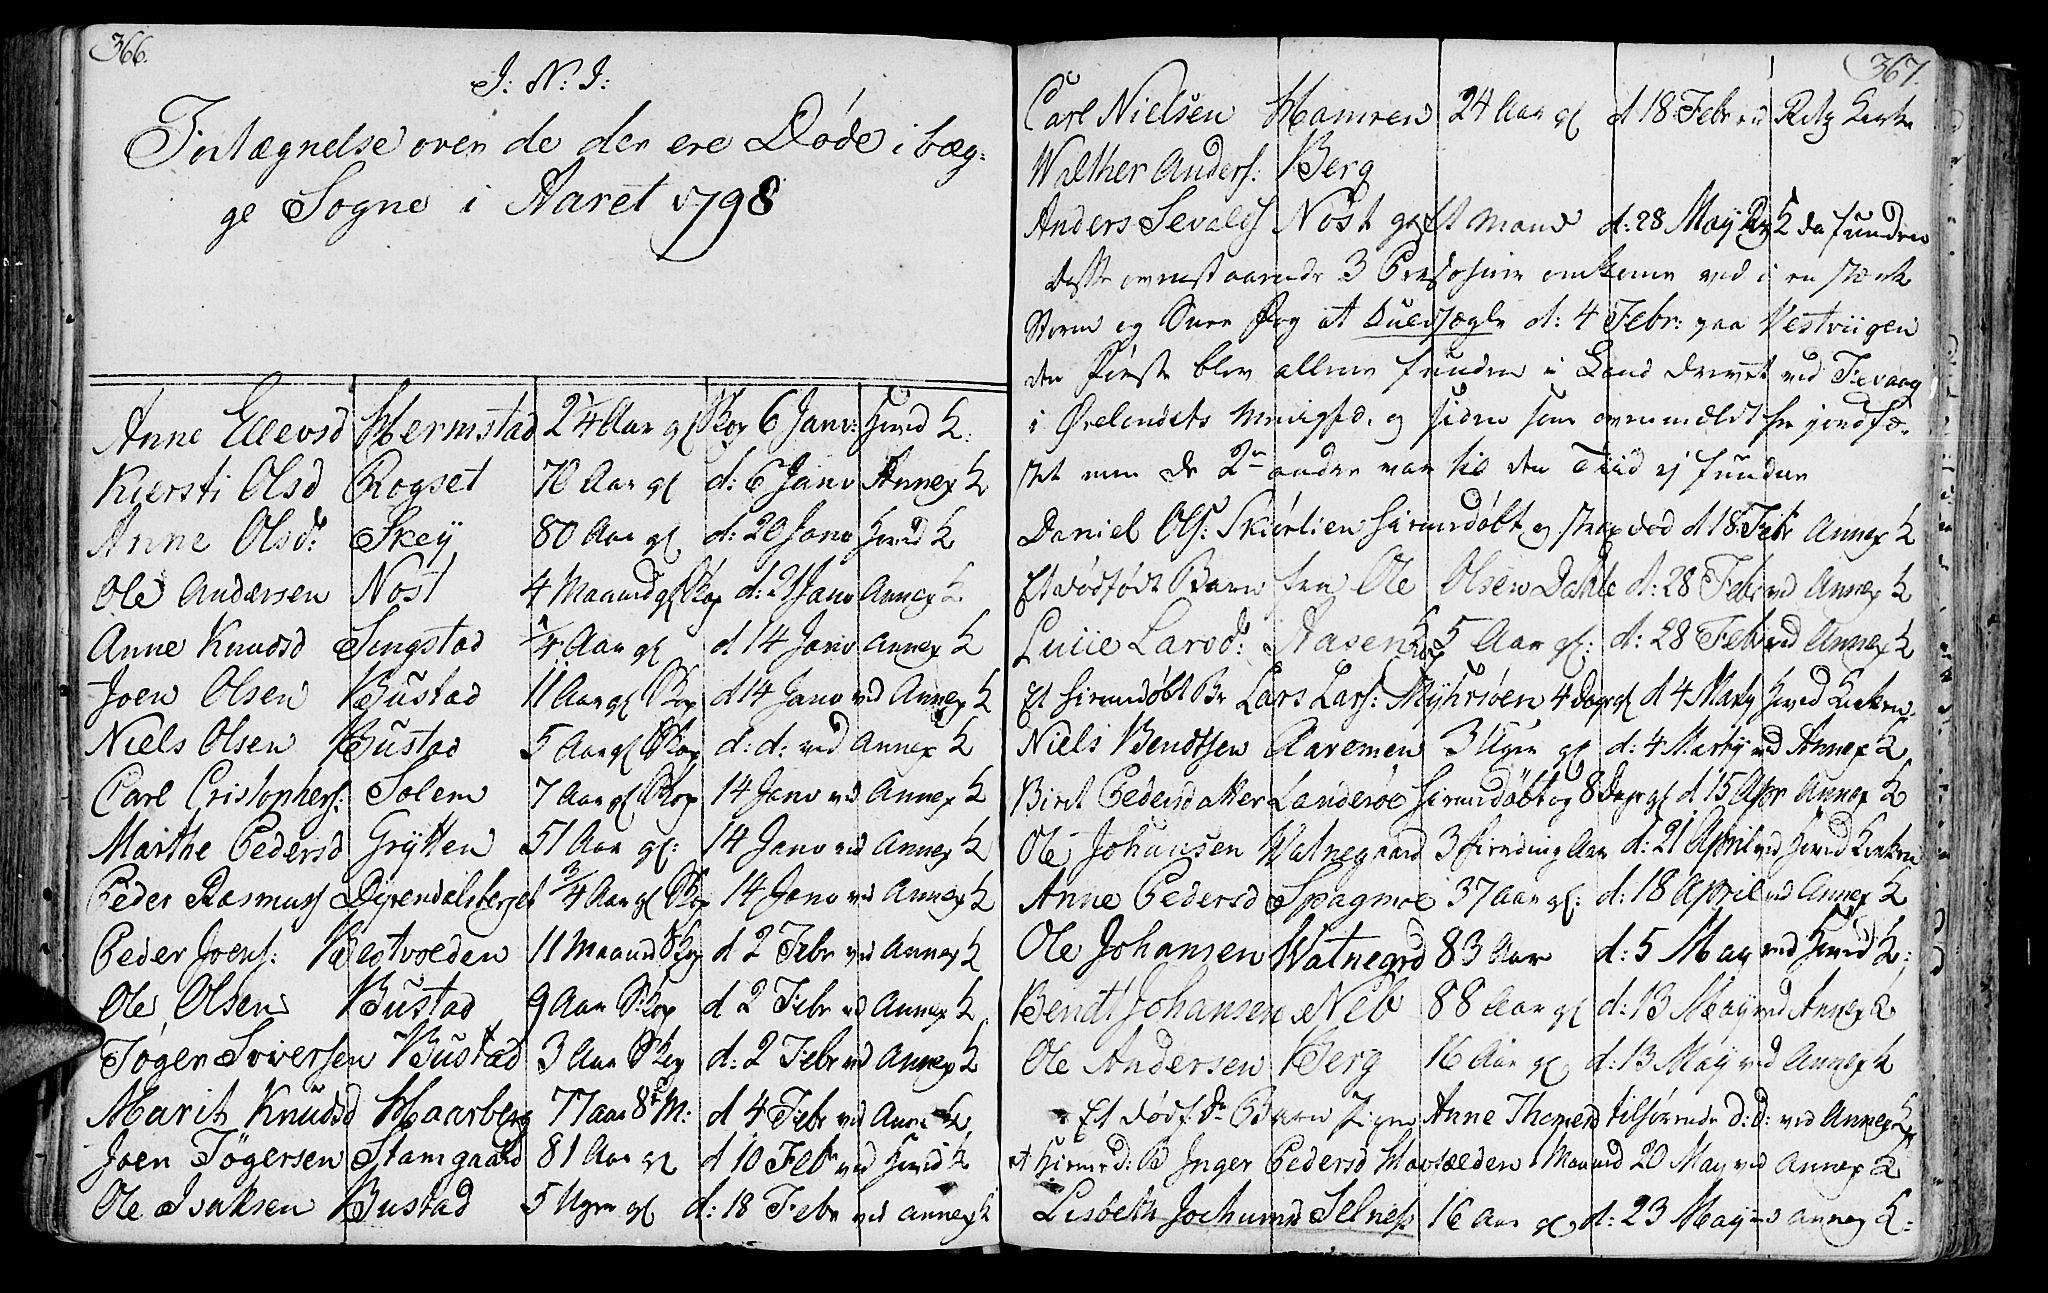 SAT, Ministerialprotokoller, klokkerbøker og fødselsregistre - Sør-Trøndelag, 646/L0606: Ministerialbok nr. 646A04, 1791-1805, s. 366-367